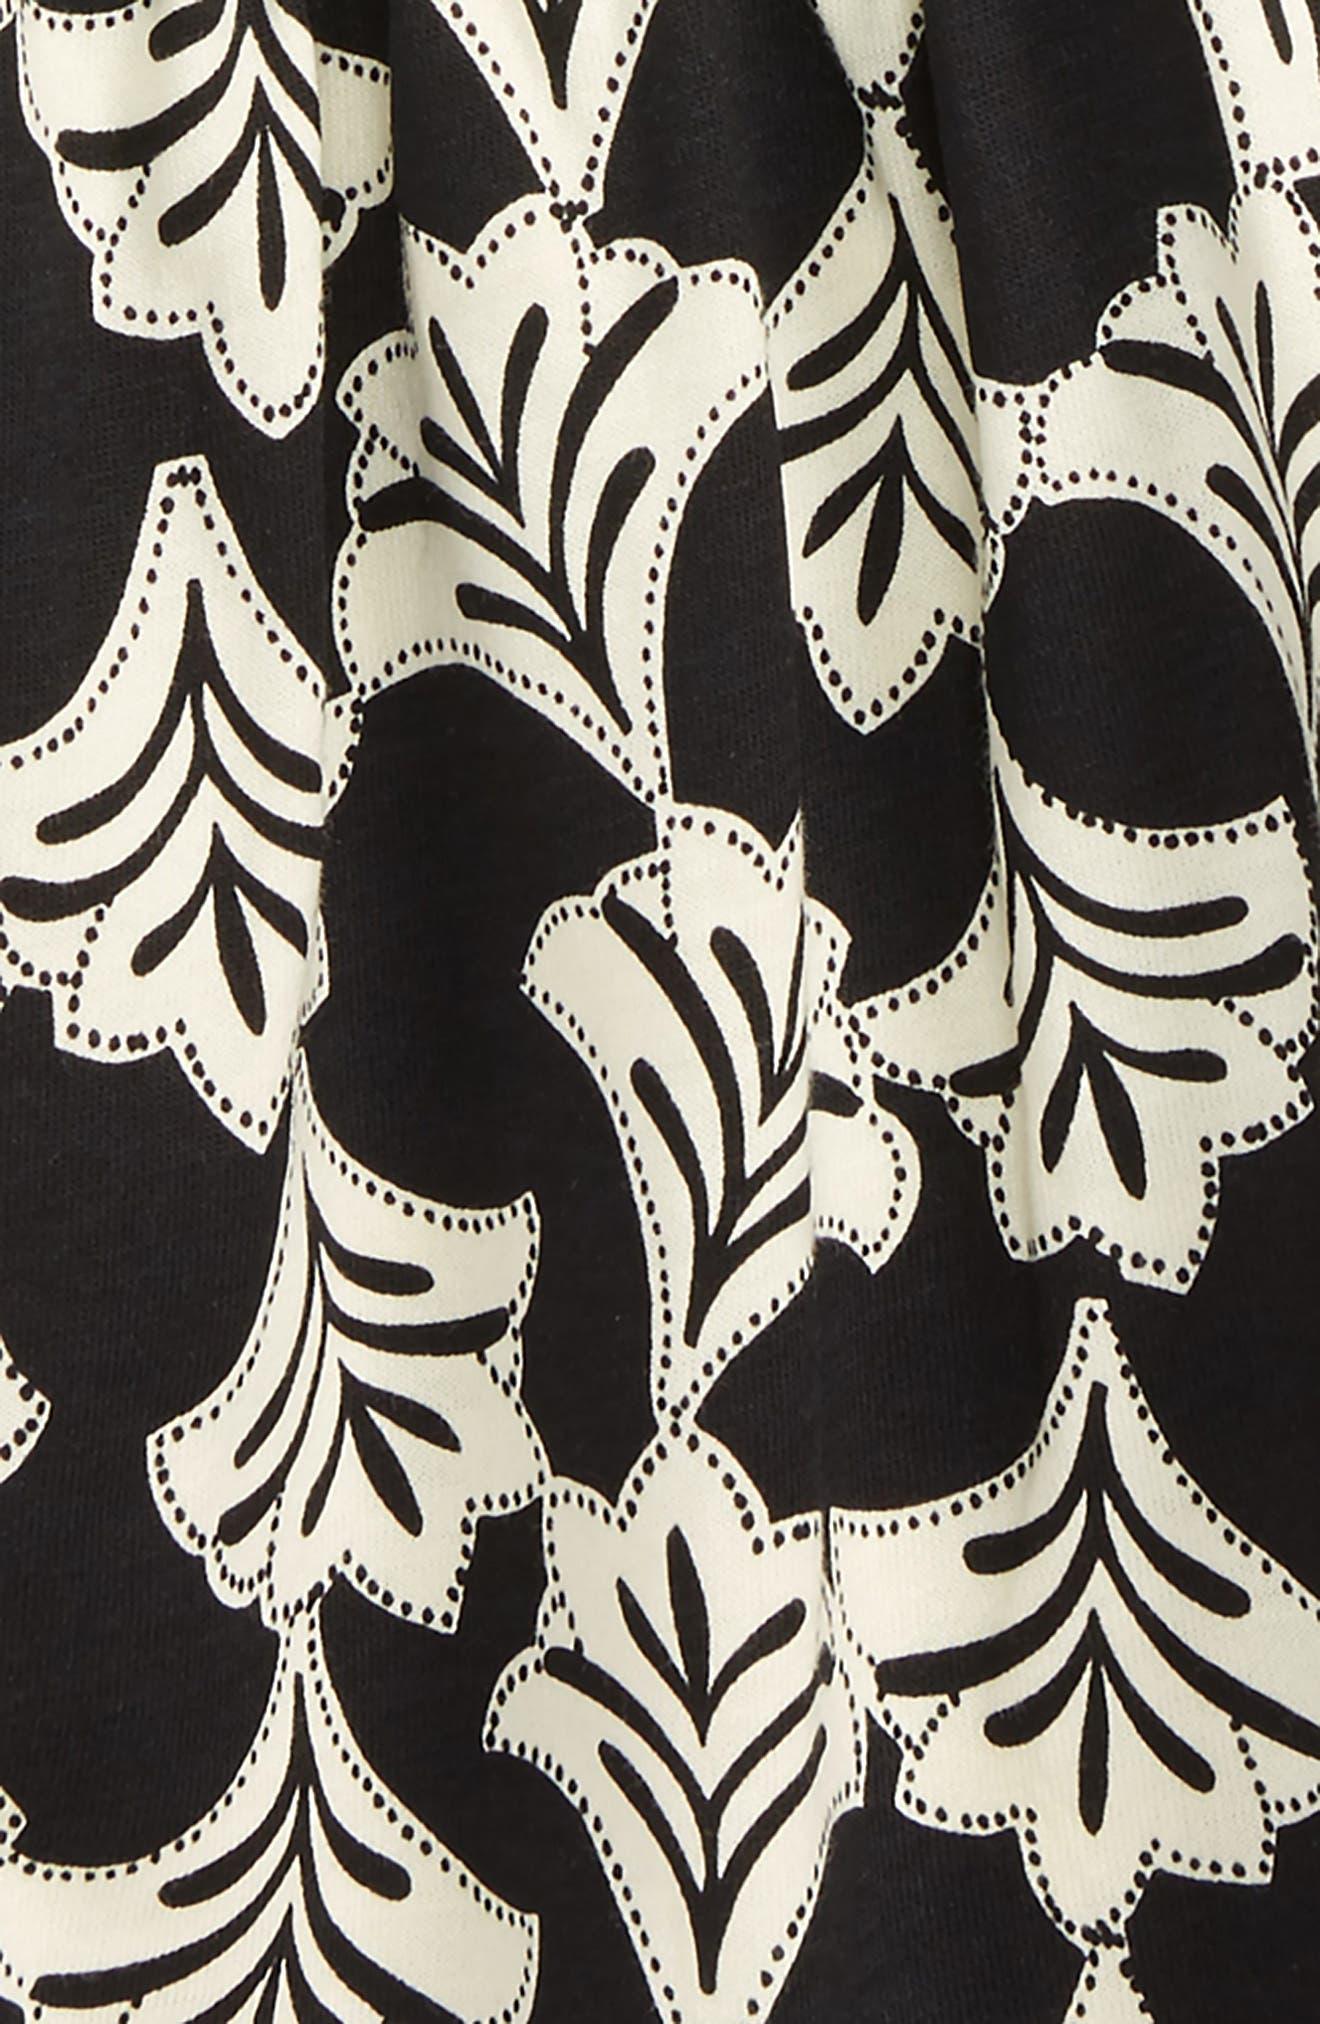 Aven Smocked Dress,                             Alternate thumbnail 2, color,                             001